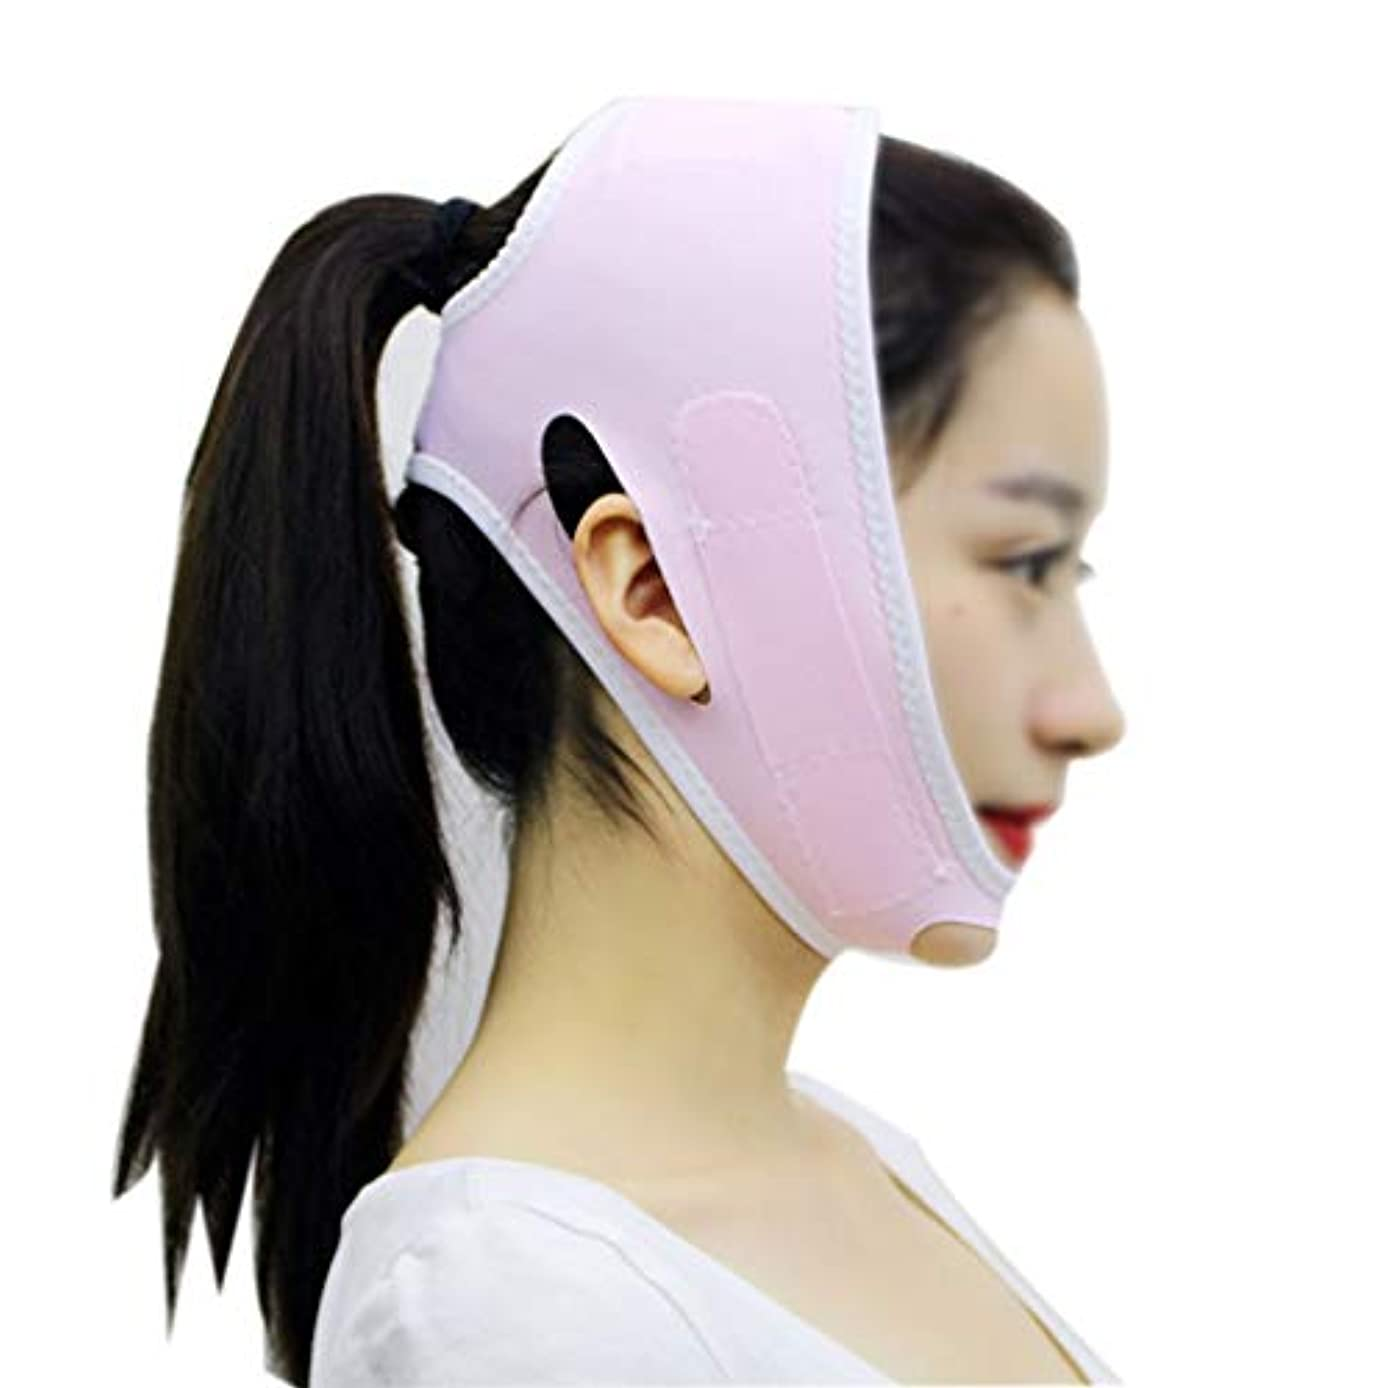 アドバイスジャングル聞くTLMY 引き締め肌の薄い二重あごマスクを強化するためのフェイスリフティング包帯回復マスク 顔用整形マスク (Color : Pink)